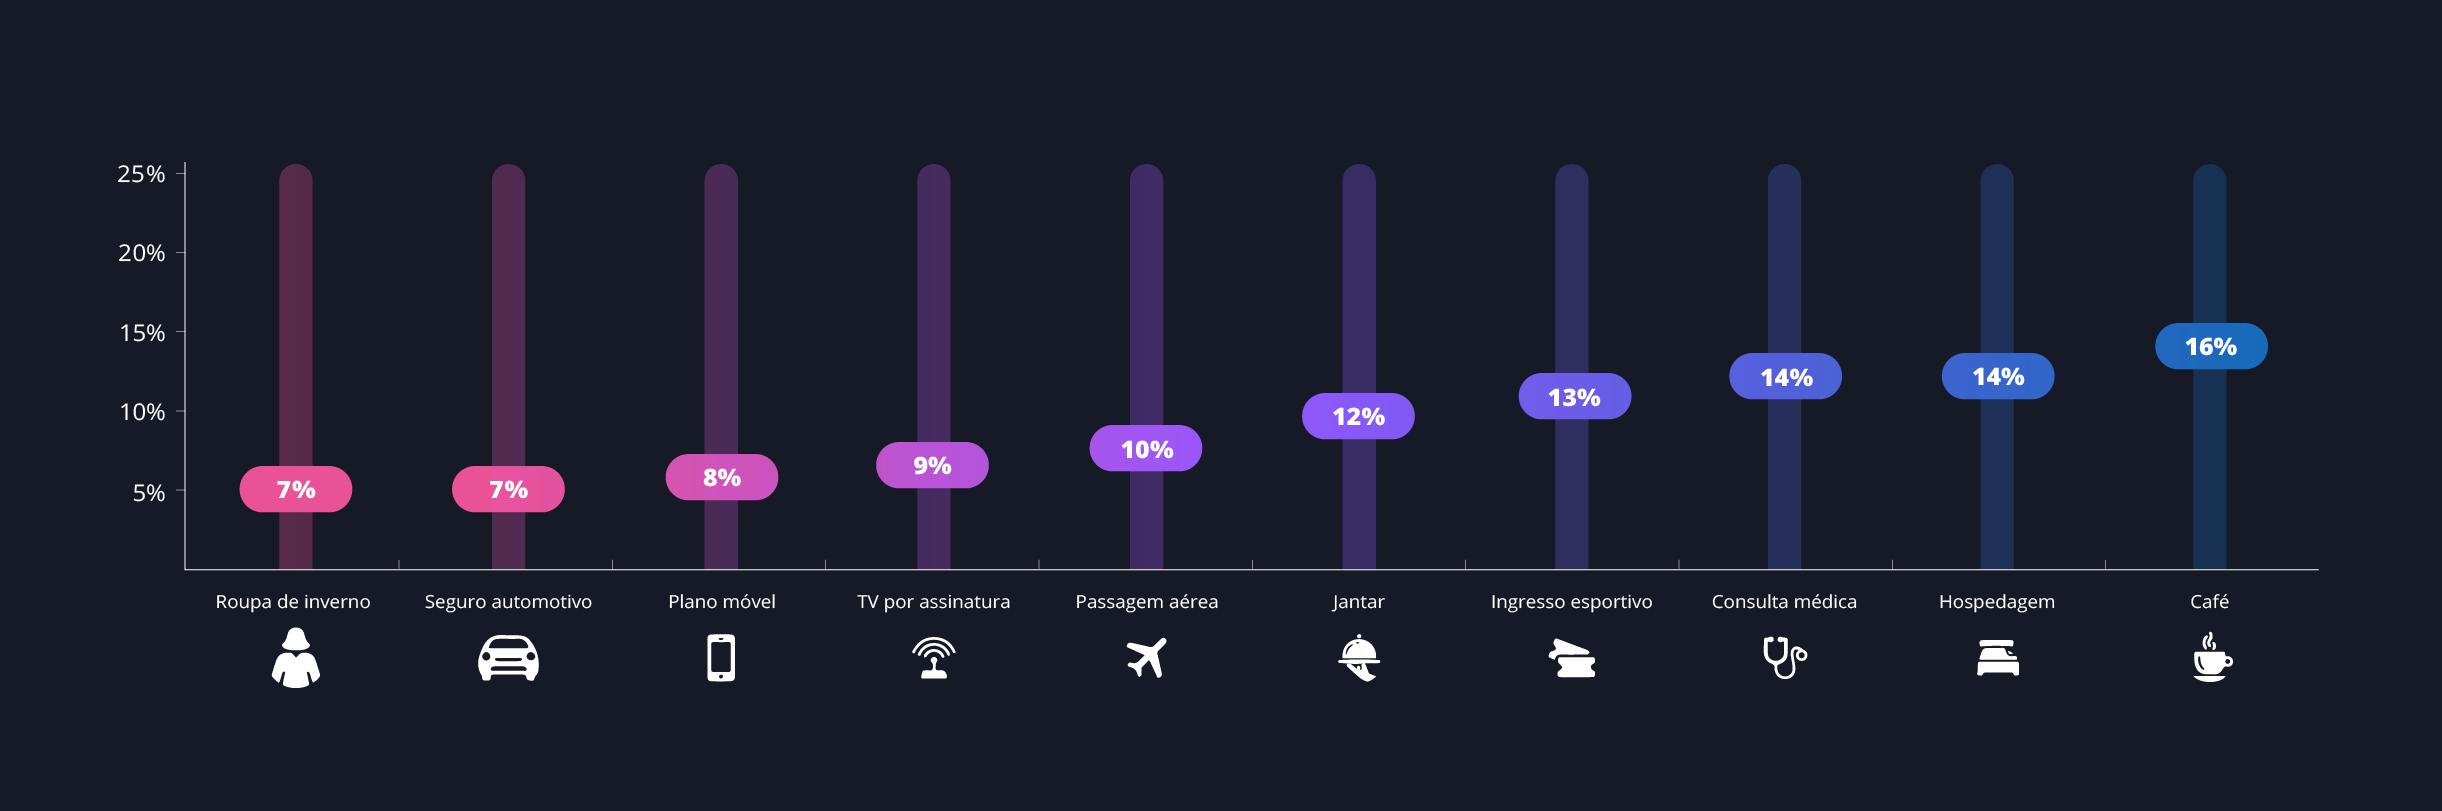 Diagrama - o preço relativo de uma boa experiência de cliente